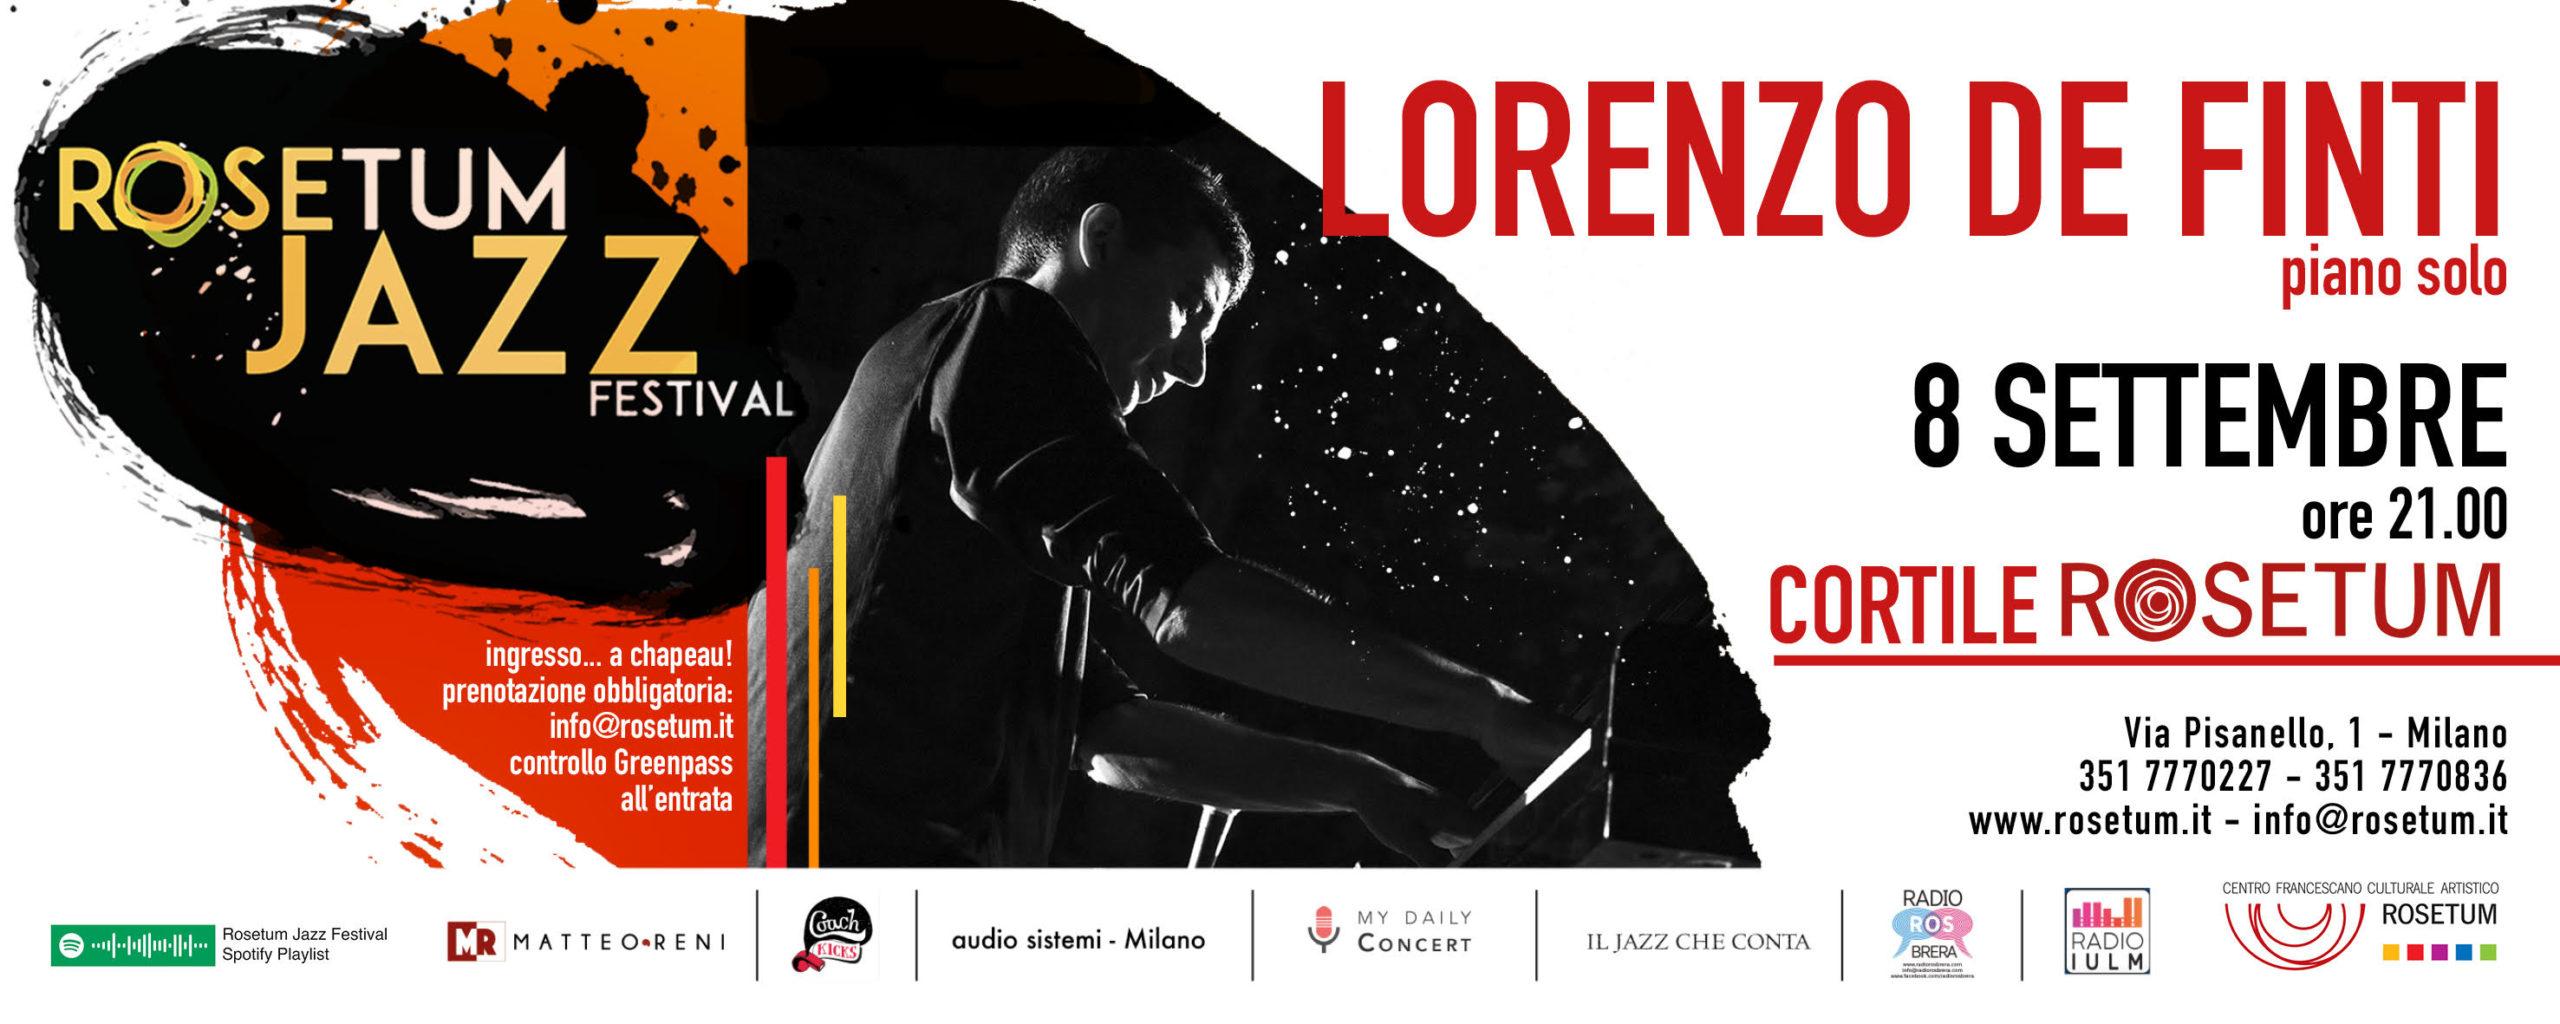 Lorenzo De Finti piano solo rosetum jazz festival 8 settembre 2021